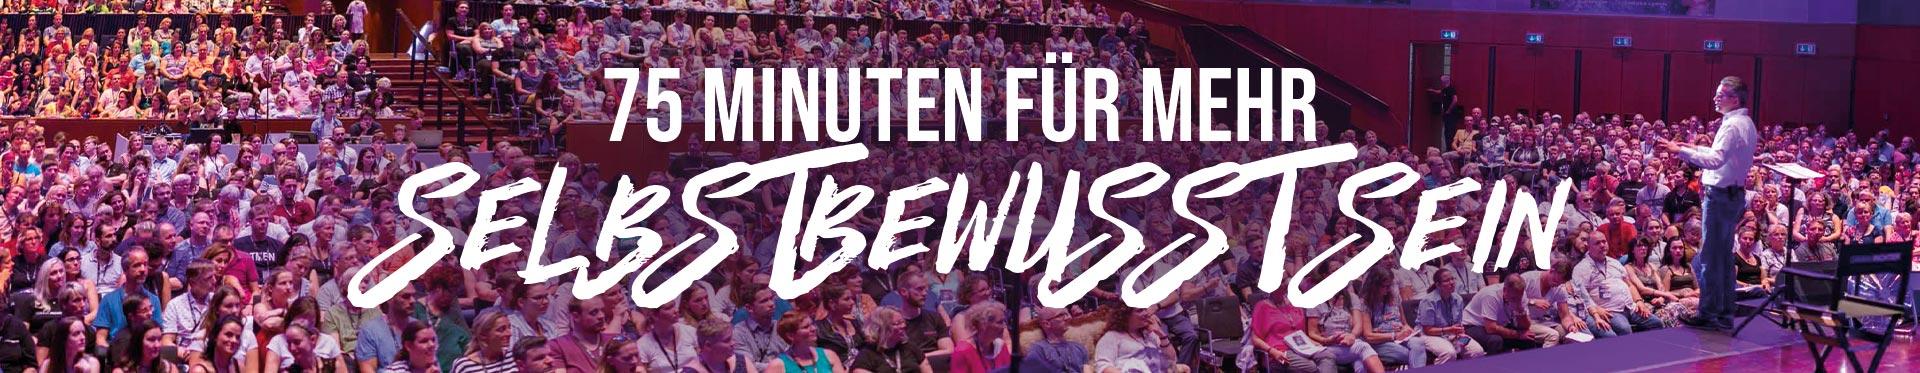 Webinar_Vorschau_75Minuten-fuer-mehr-Selbstbewusstsein